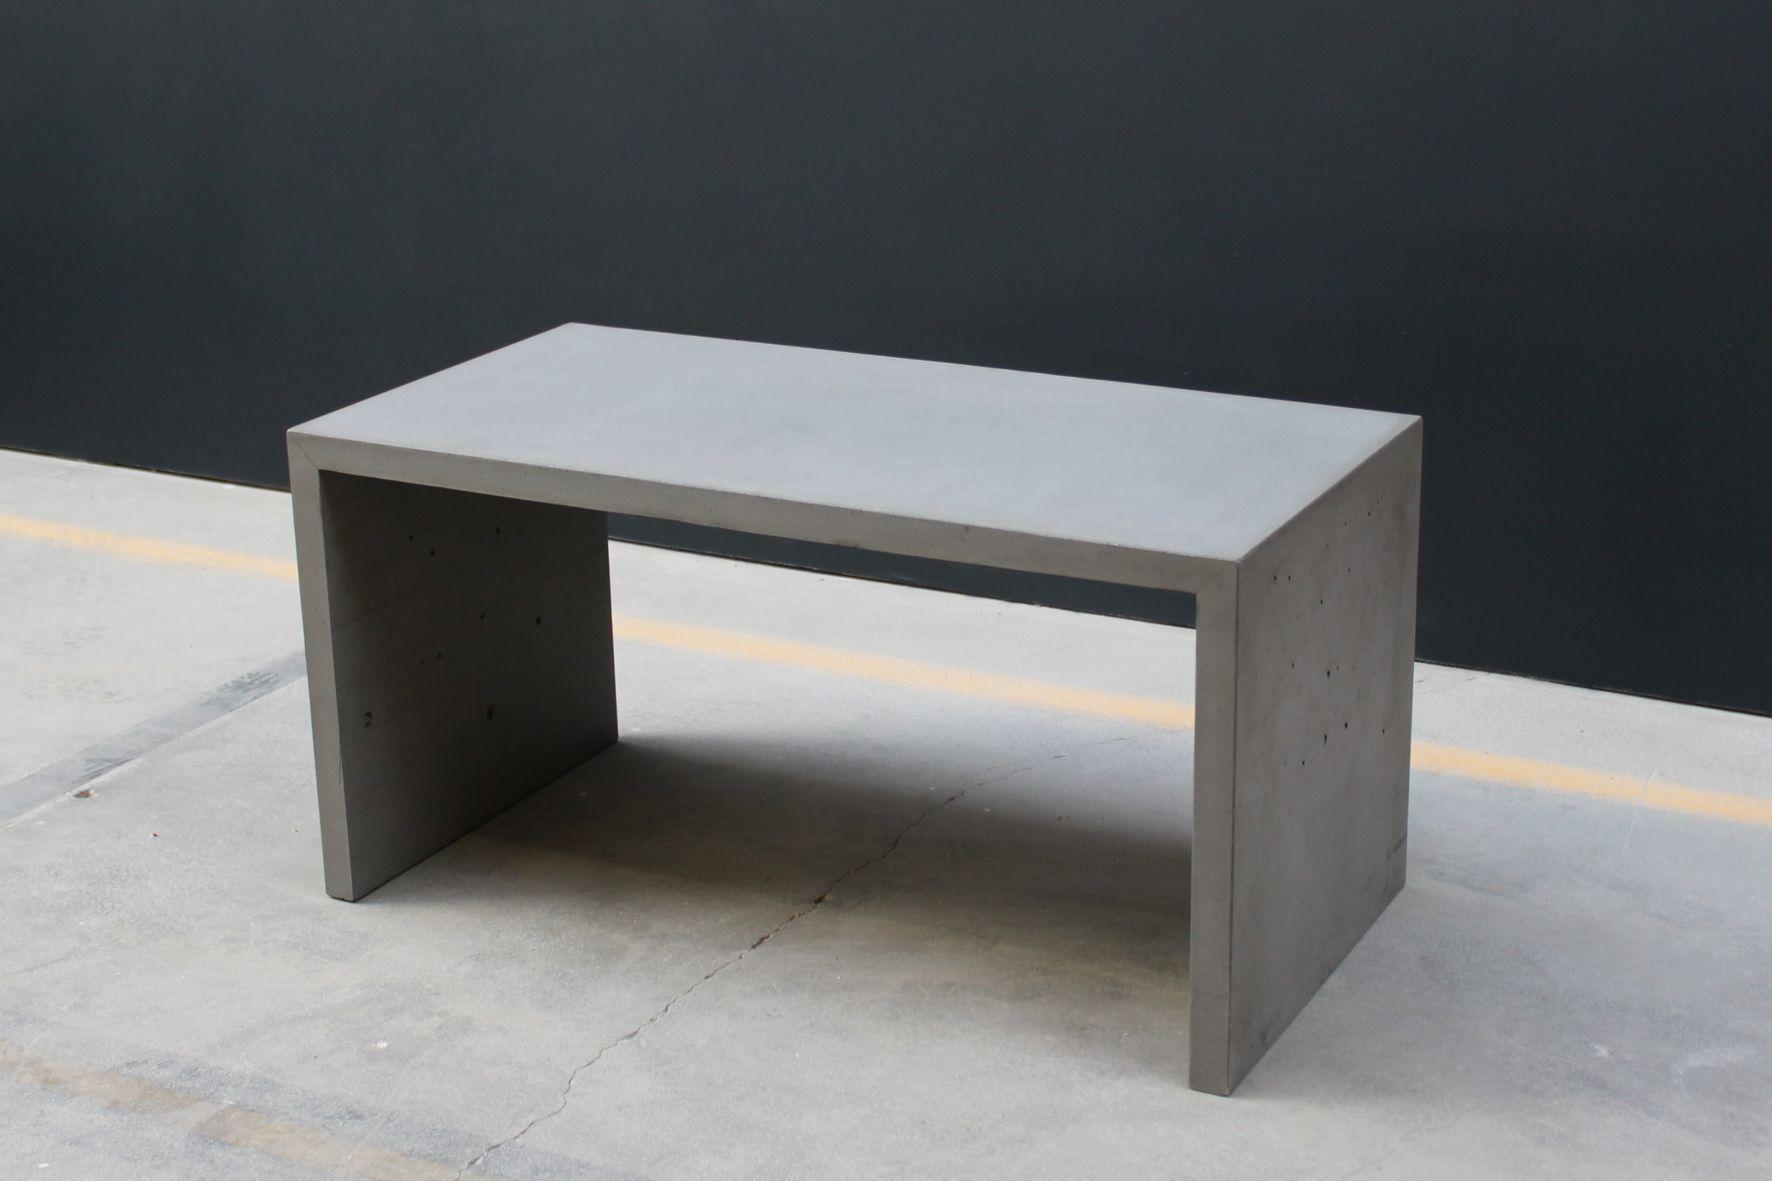 Unser Beton Couchtisch-Bank rustikales Möbel für Innen und Außen ...